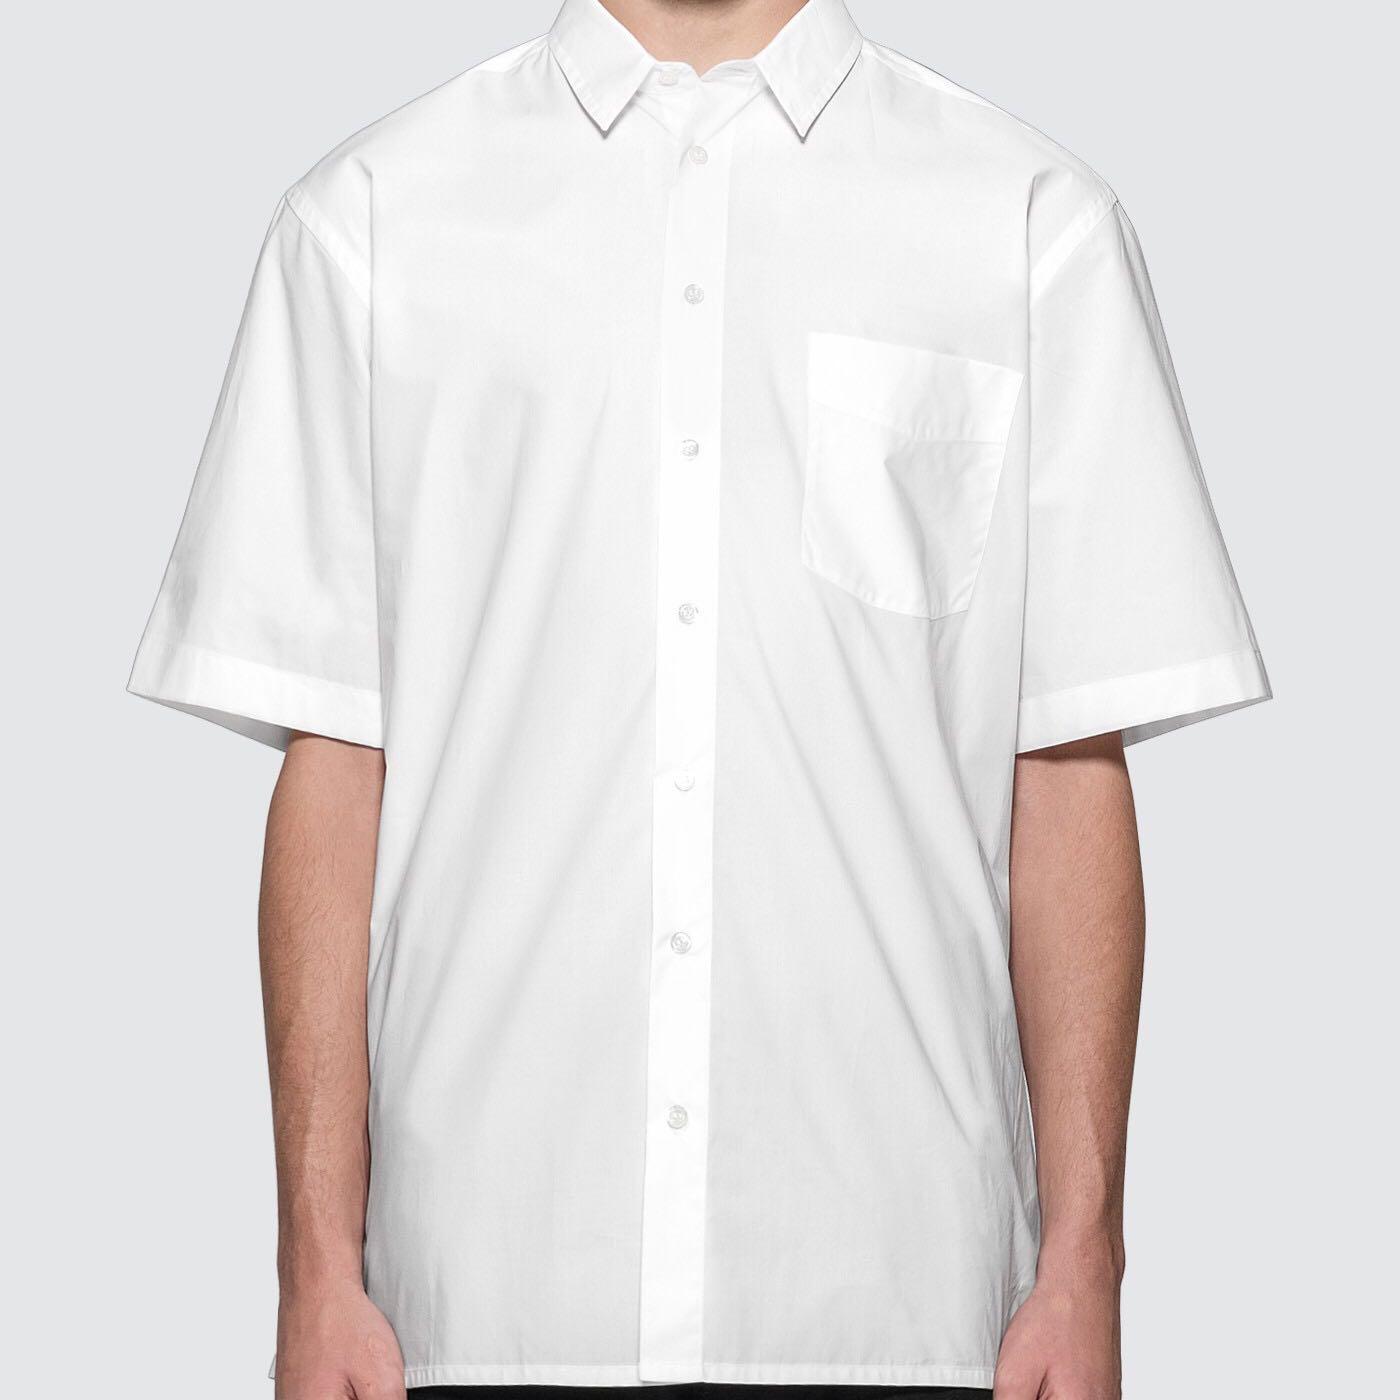 Raf Simons - Short Sleeved Shirt With Back Print 男背後印花襯衫 超低折扣代購中